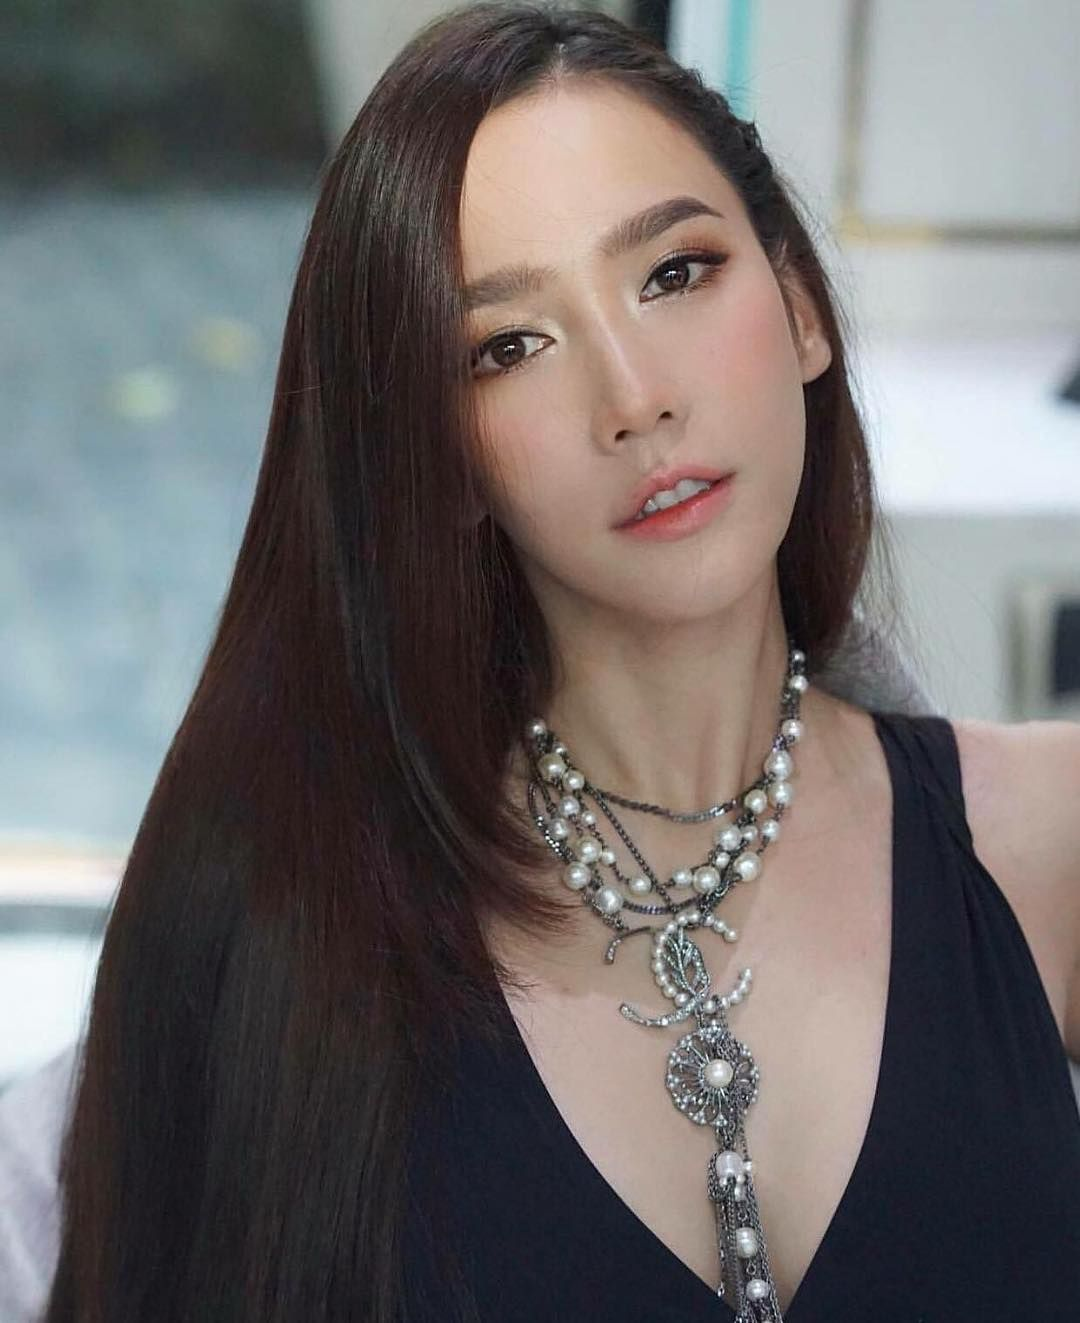 อั้ม พัชราภา ในวัย 40 ปี 😍 ฟาดหน้าโดย Nongchat แม่ก็คือแม่ ถ้าบอกว่า 25 ก็เชื่อ จักรวาลอยู่ที่แม่ค่ะ ใครล่ะจะสู้แม่ได้ 🙏 via teamfitan… | นักแสดงหญิง, นางฟ้า, ไทย